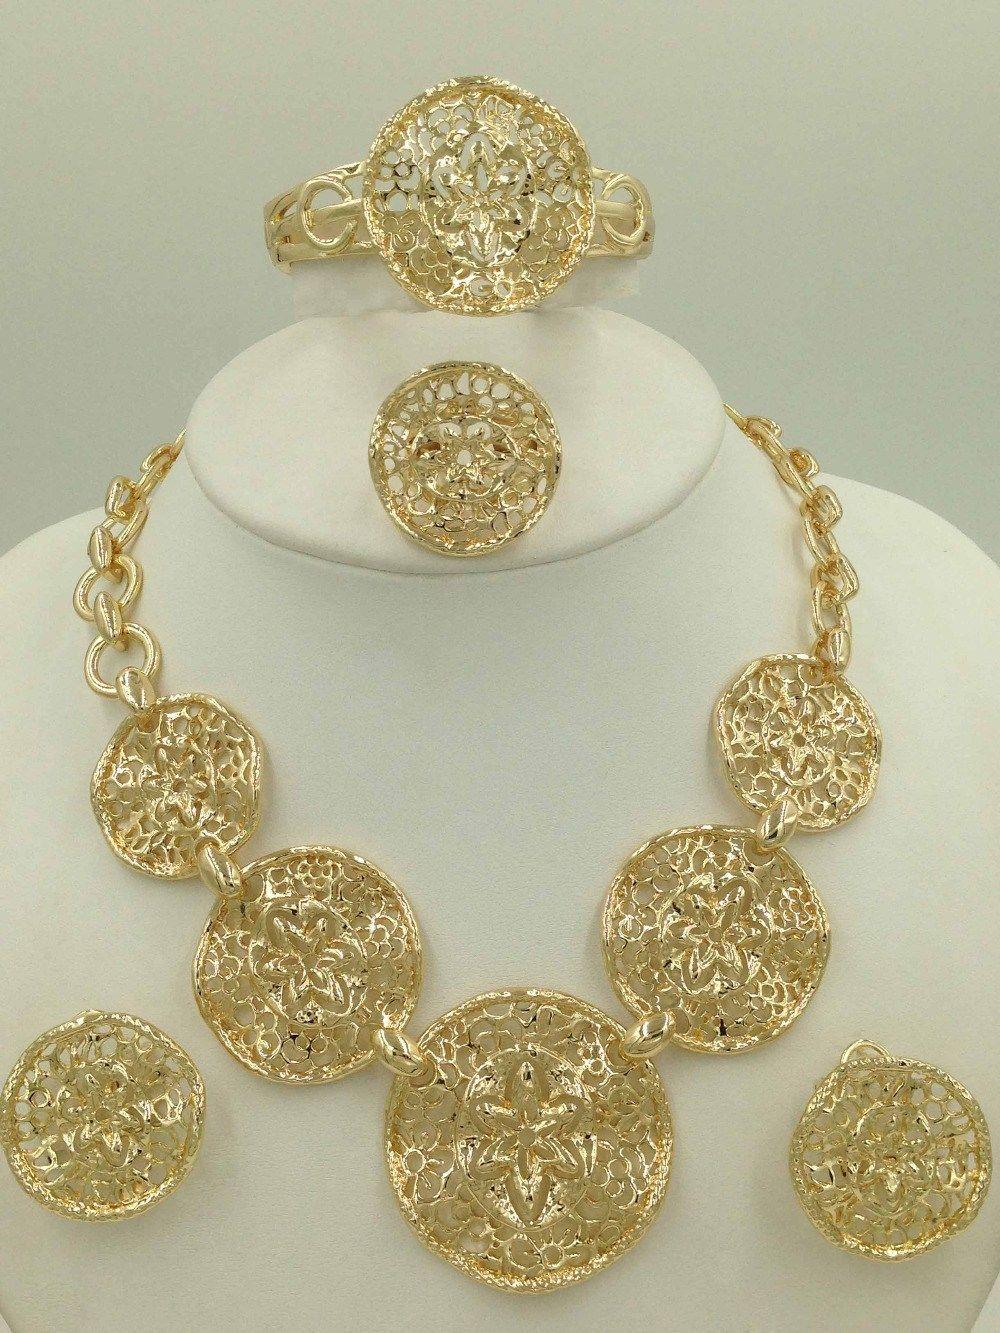 f15f4b5372839 Gold Jewelry In Dubai Online 1000 Earrings Ideas | imagr in 2019 ...